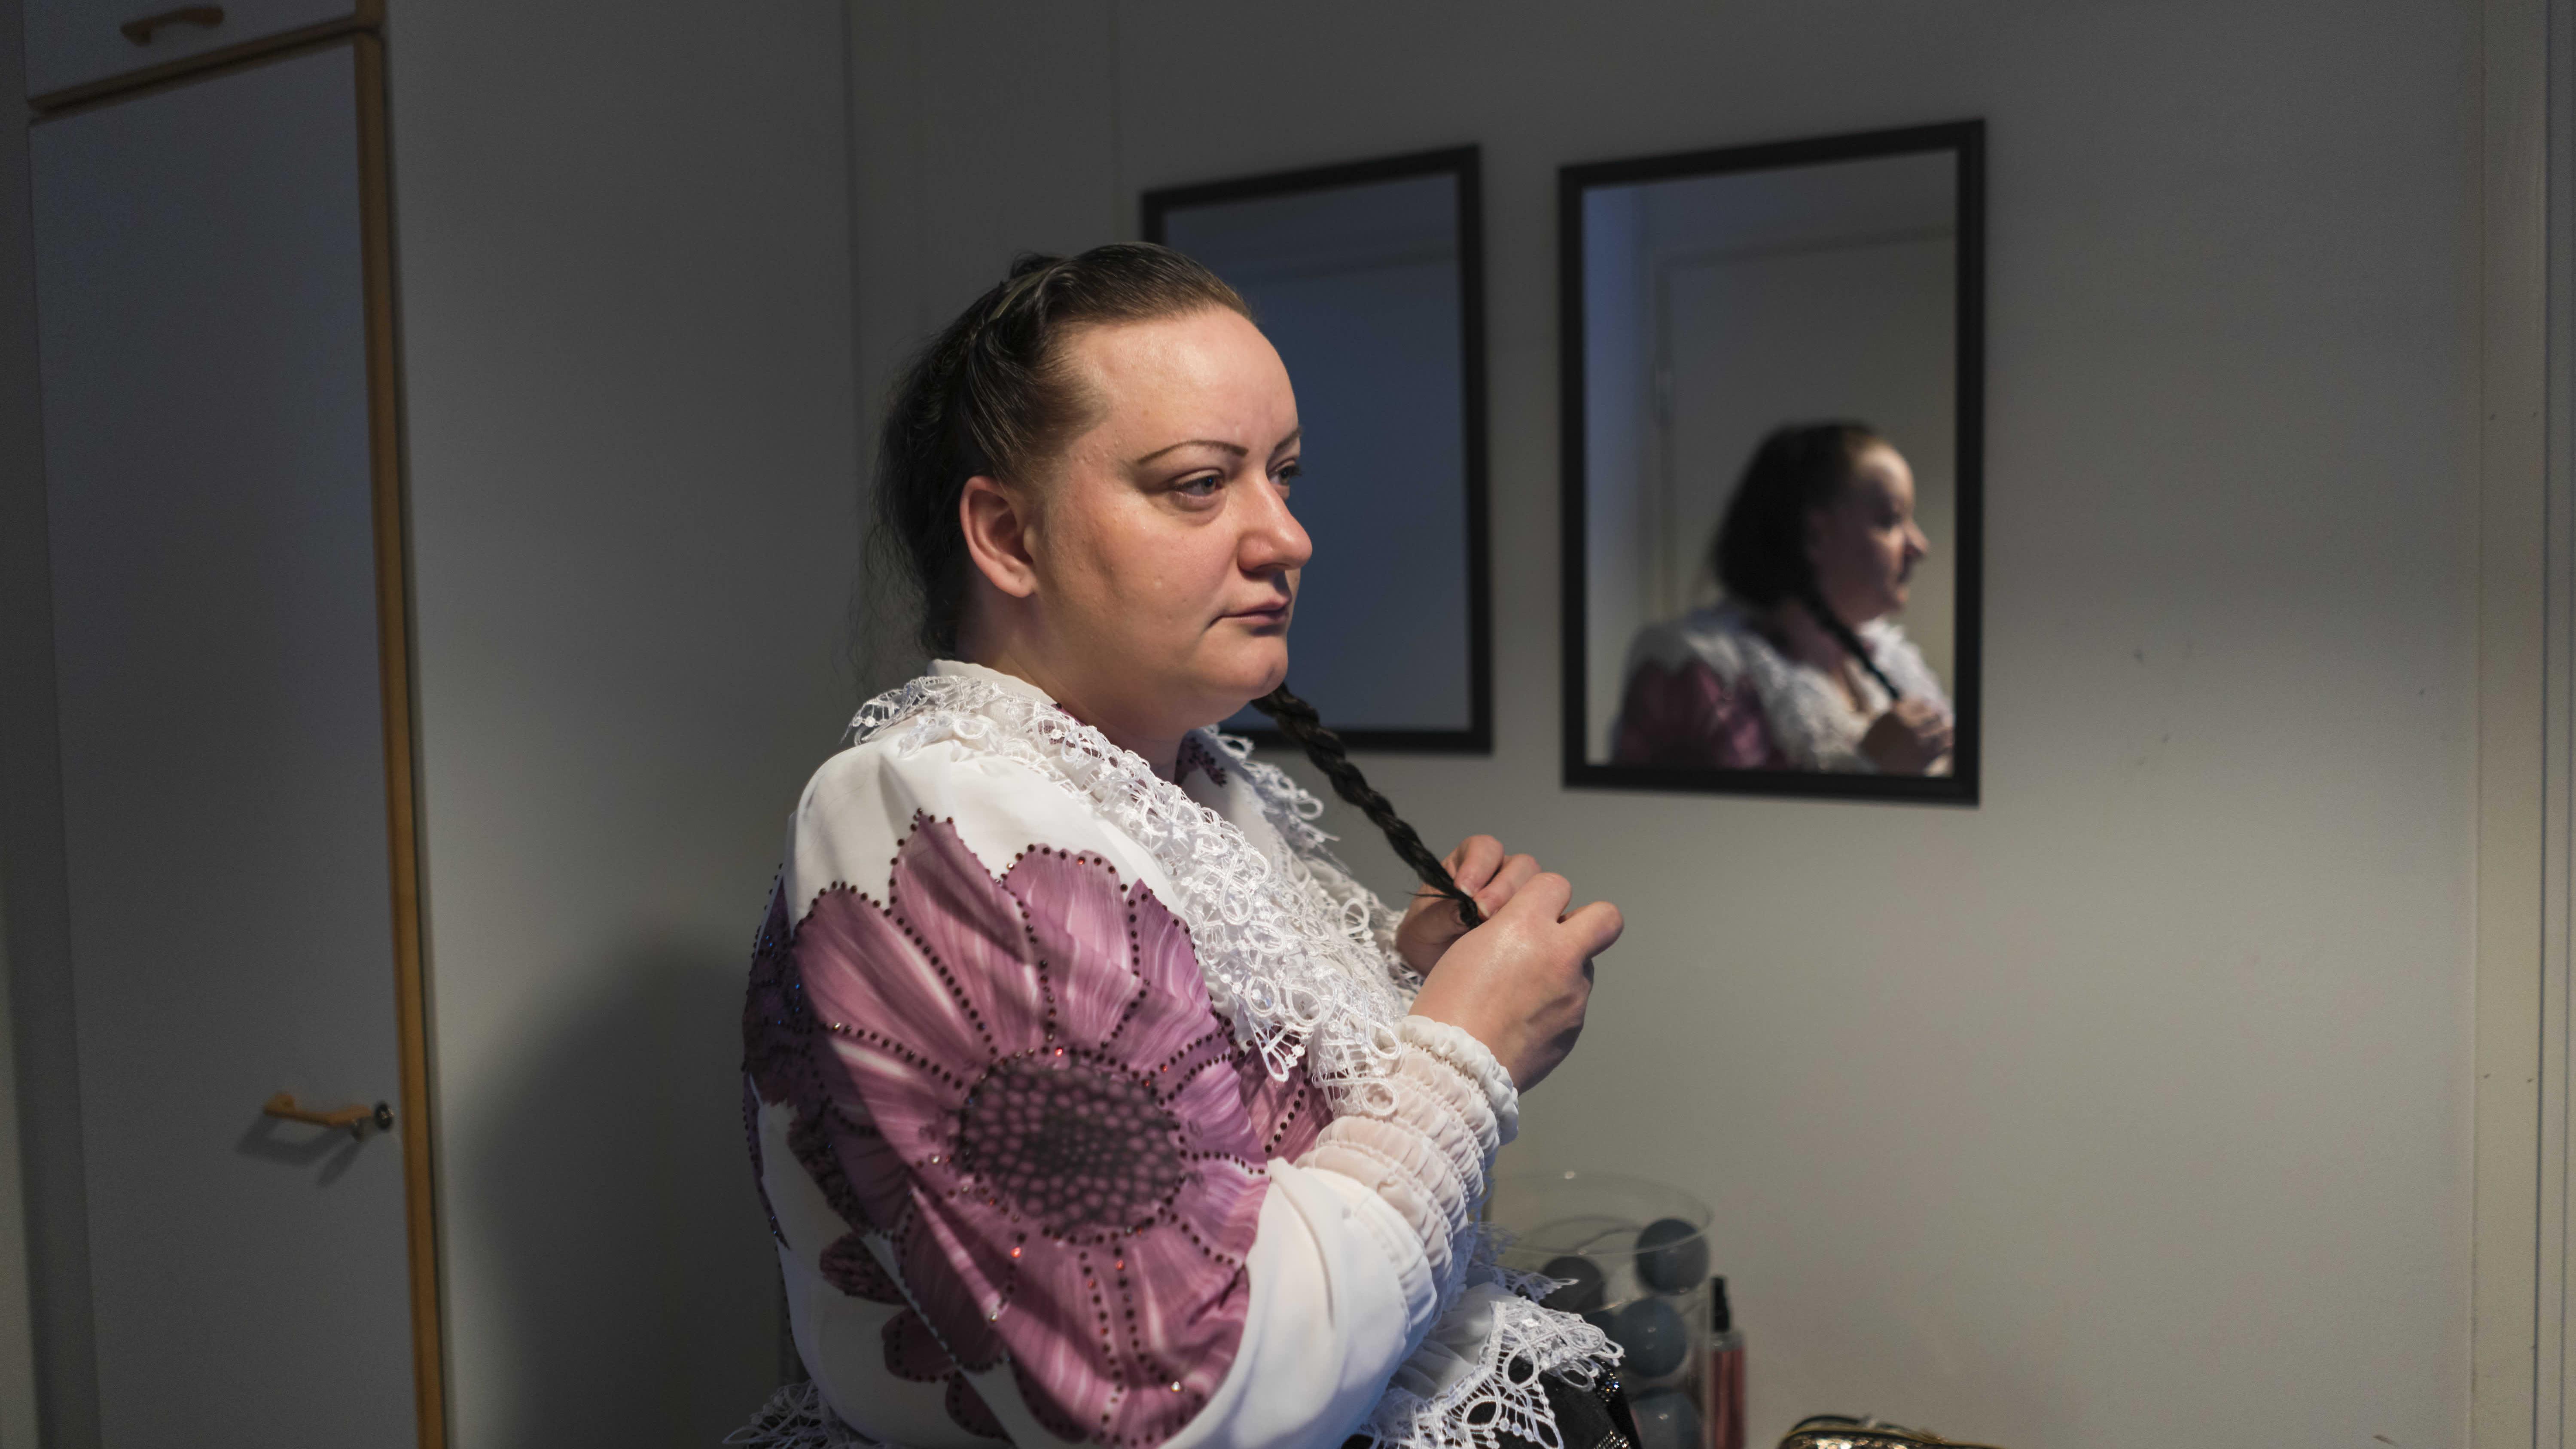 Sonja Lindeman laittaa hiuksiaan. Hänellä on päällään romanien kansallispuku.